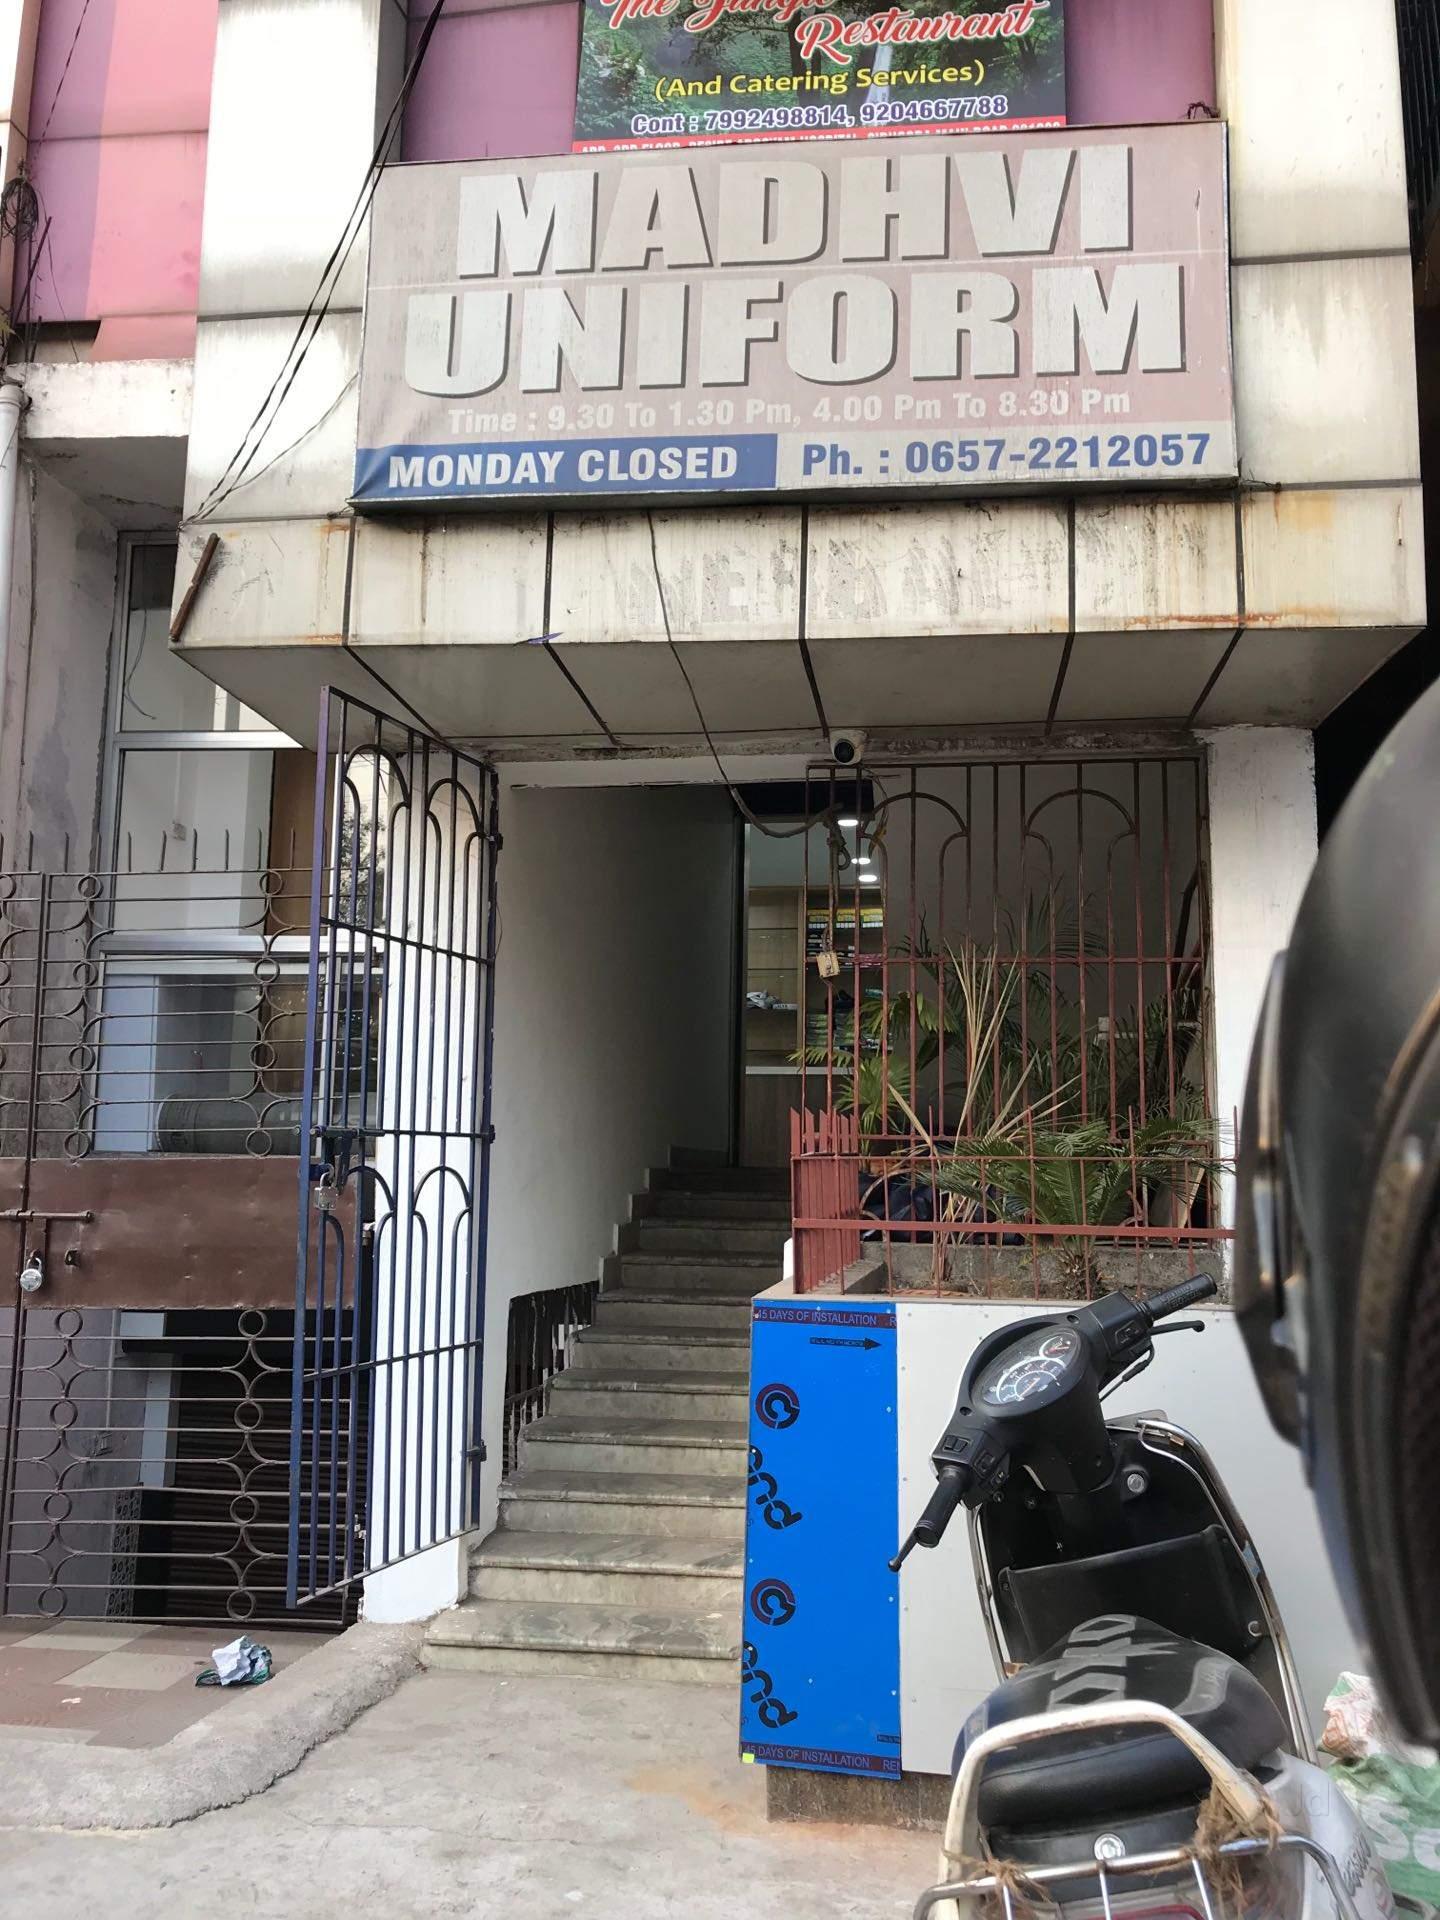 Top 10 School Uniform Manufacturers in Jamshedpur - Justdial